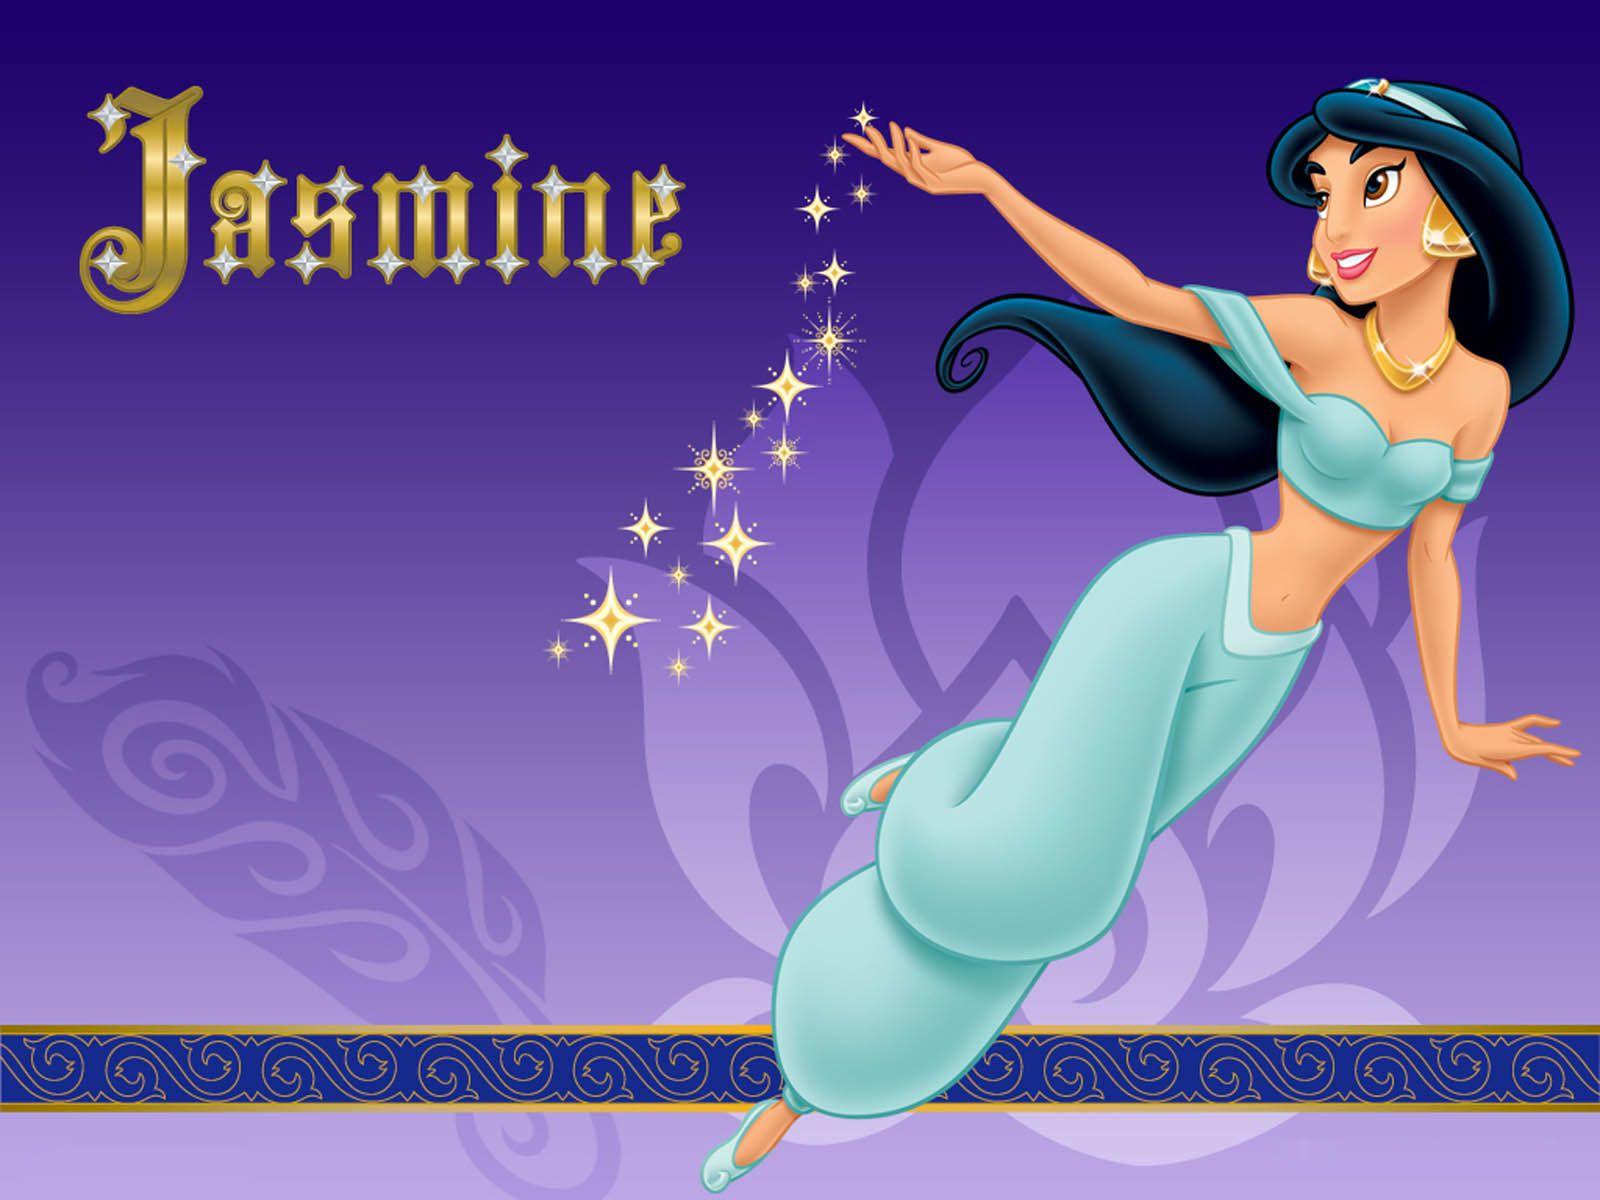 disney princess jasmine wallpapers 04 princess jasmine wallpapers ... for Princess Jasmine Aladdin Wallpaper  56mzq